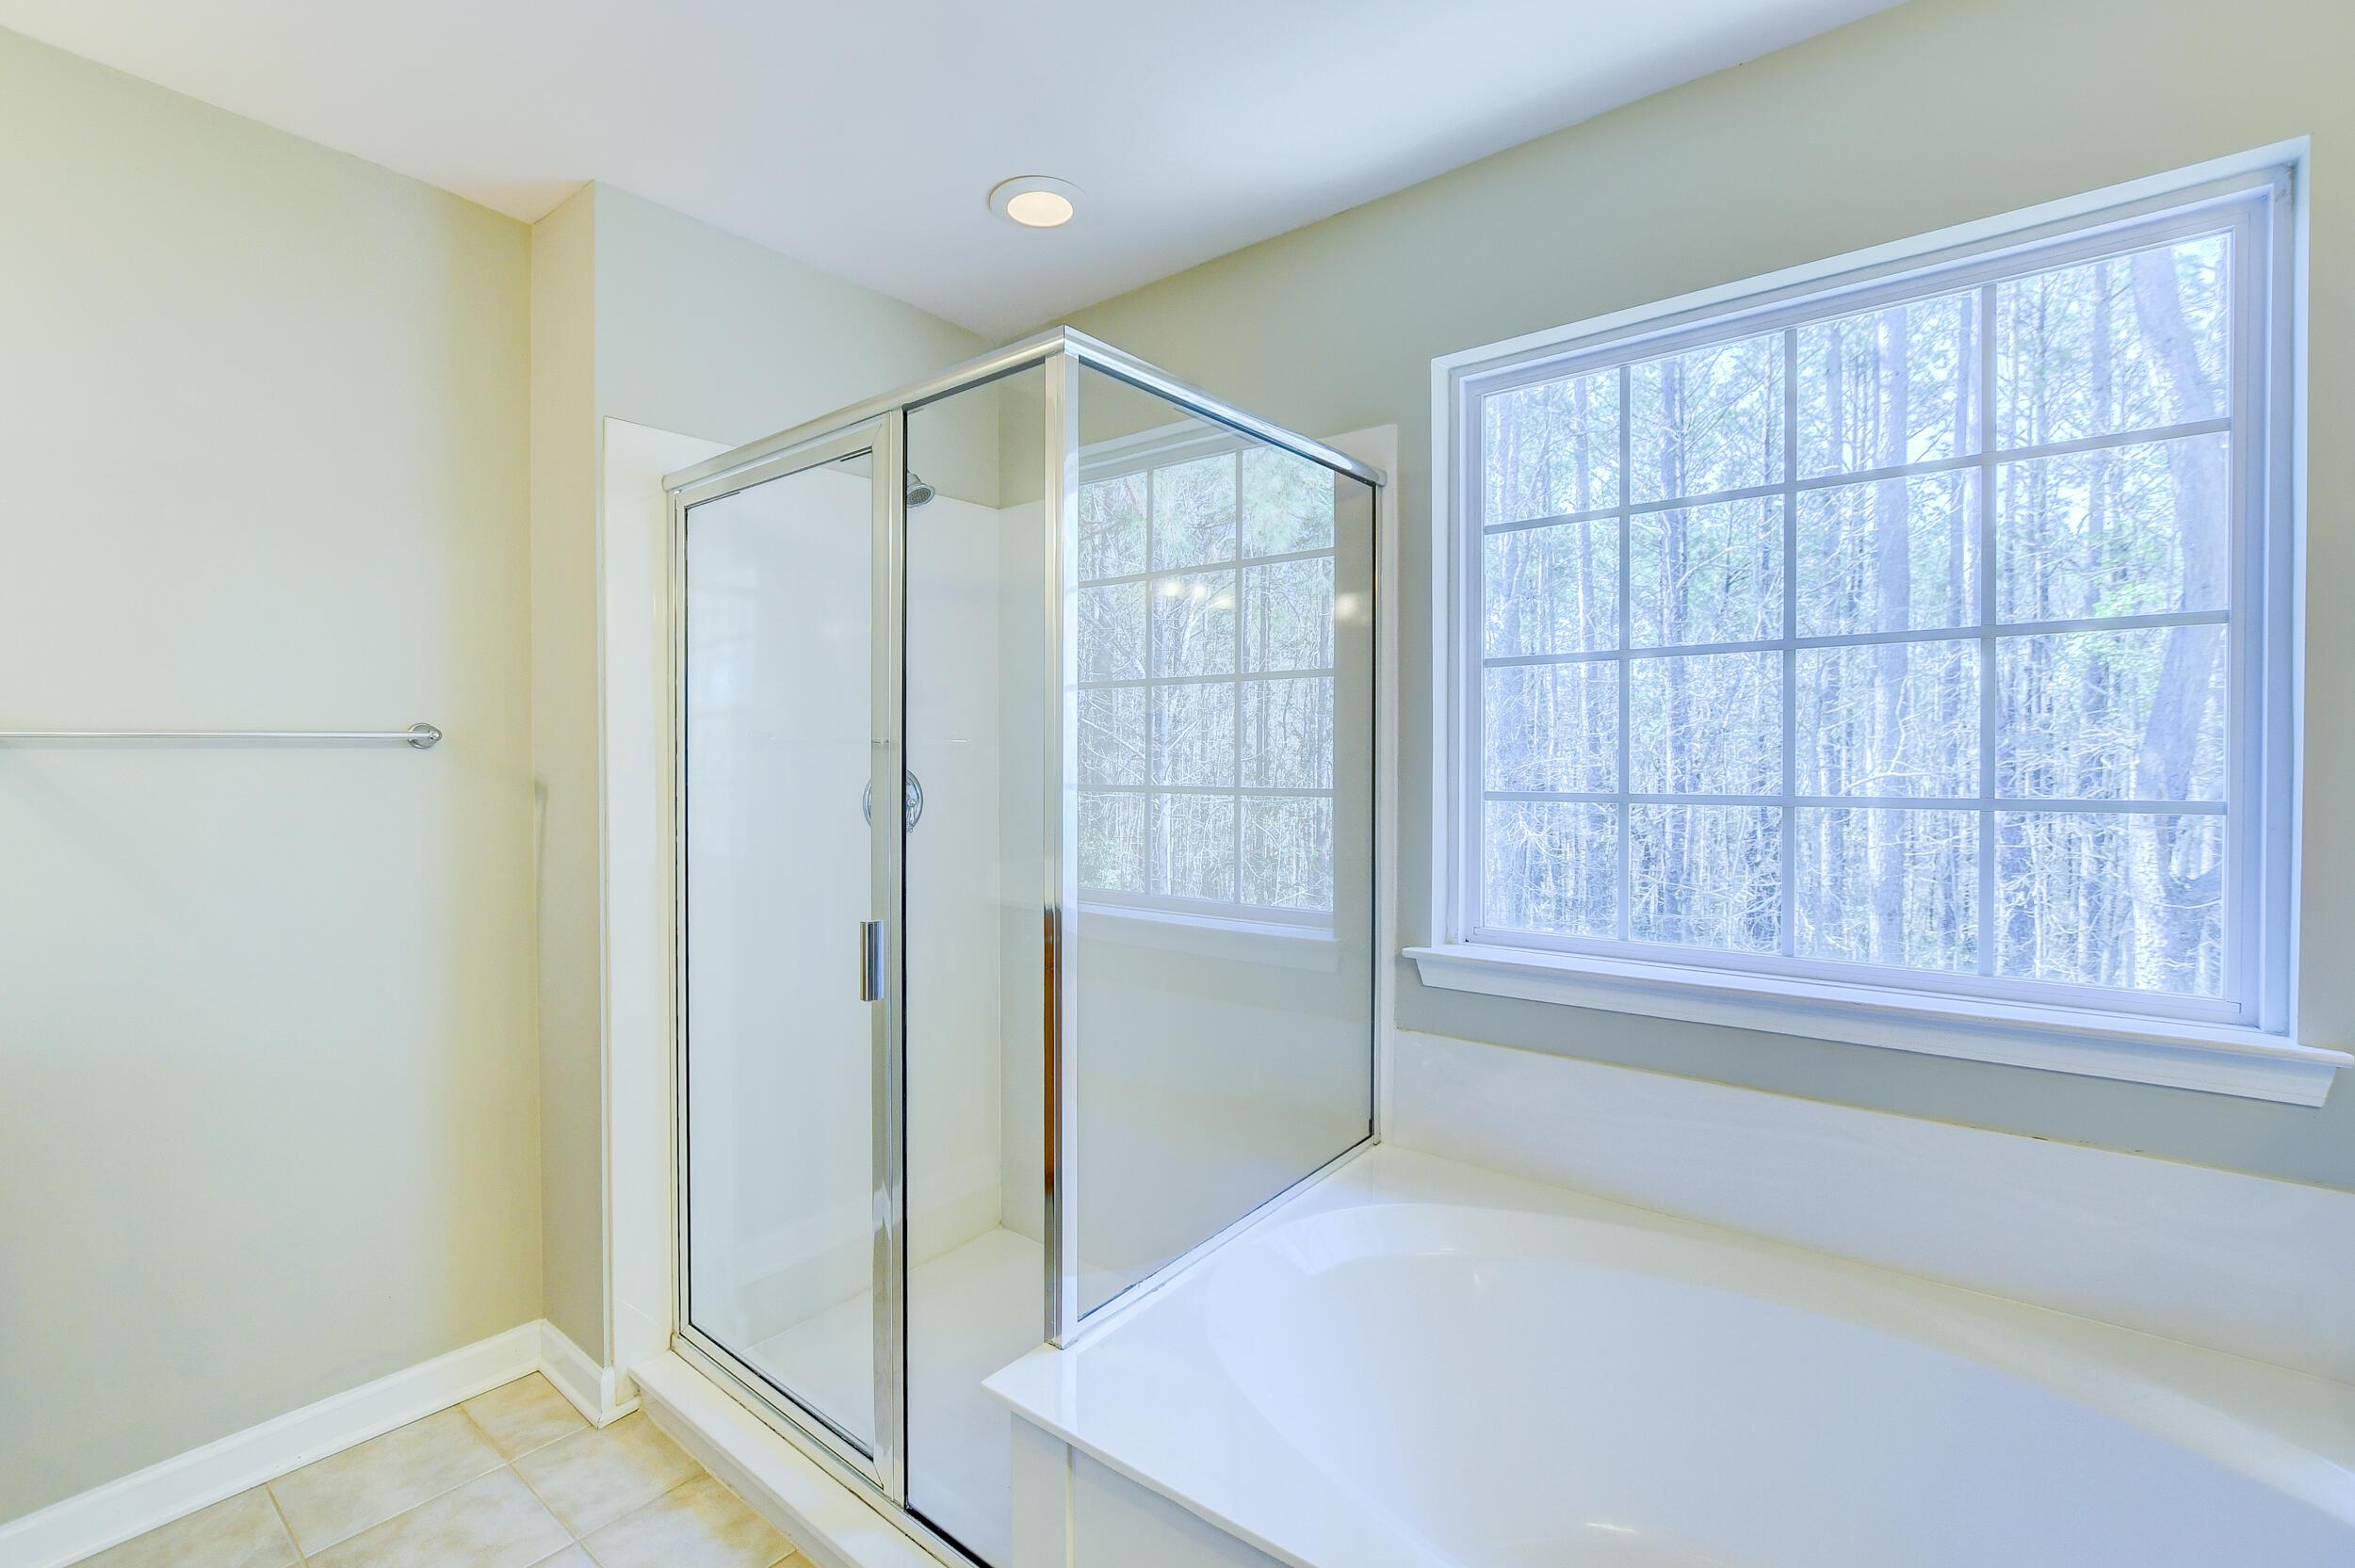 Park West Homes For Sale - 3545 Claremont, Mount Pleasant, SC - 40